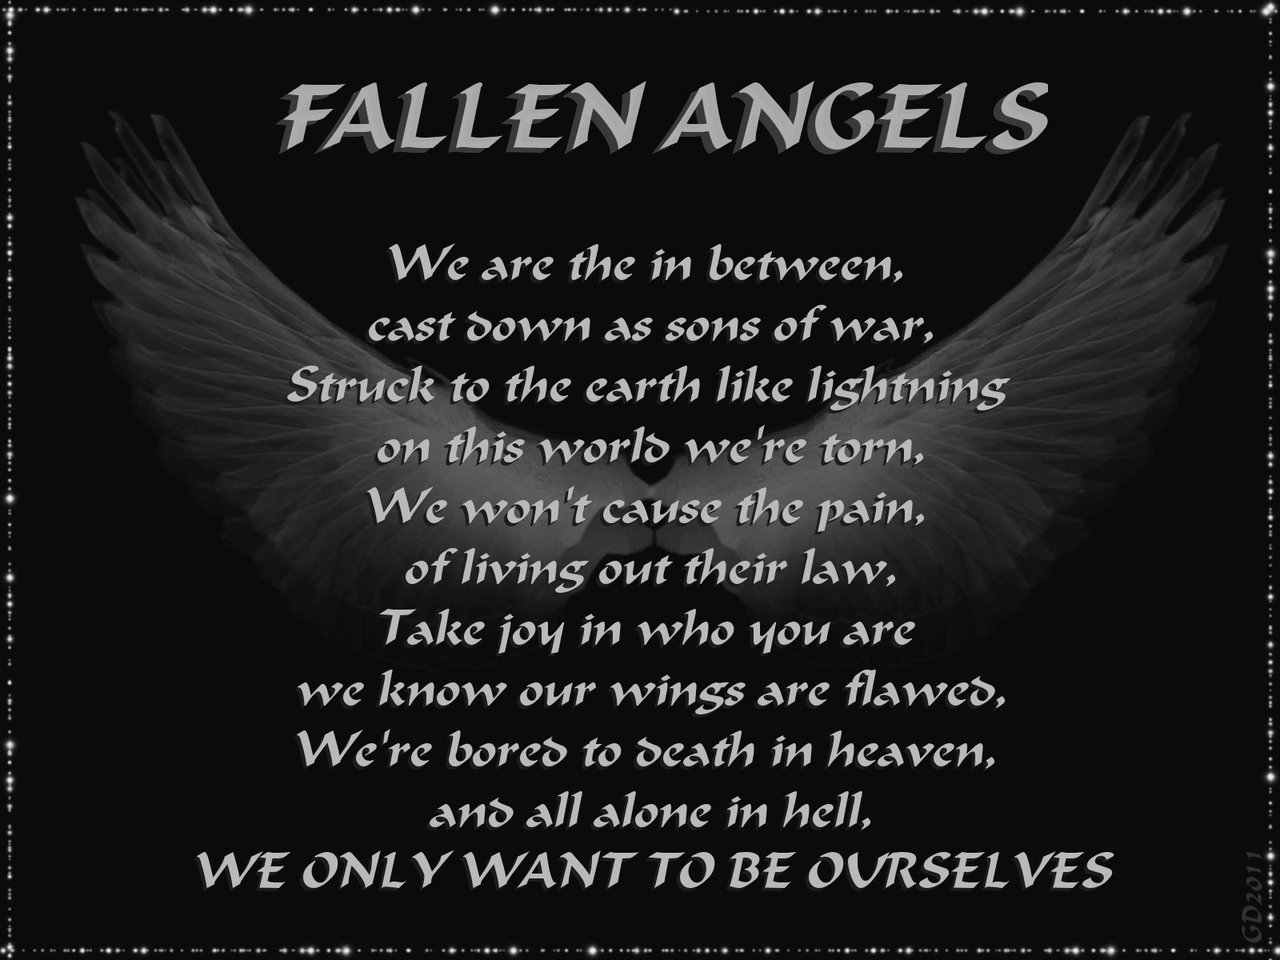 BVB Fallen Angels Lyrics by GD0578 1280x960